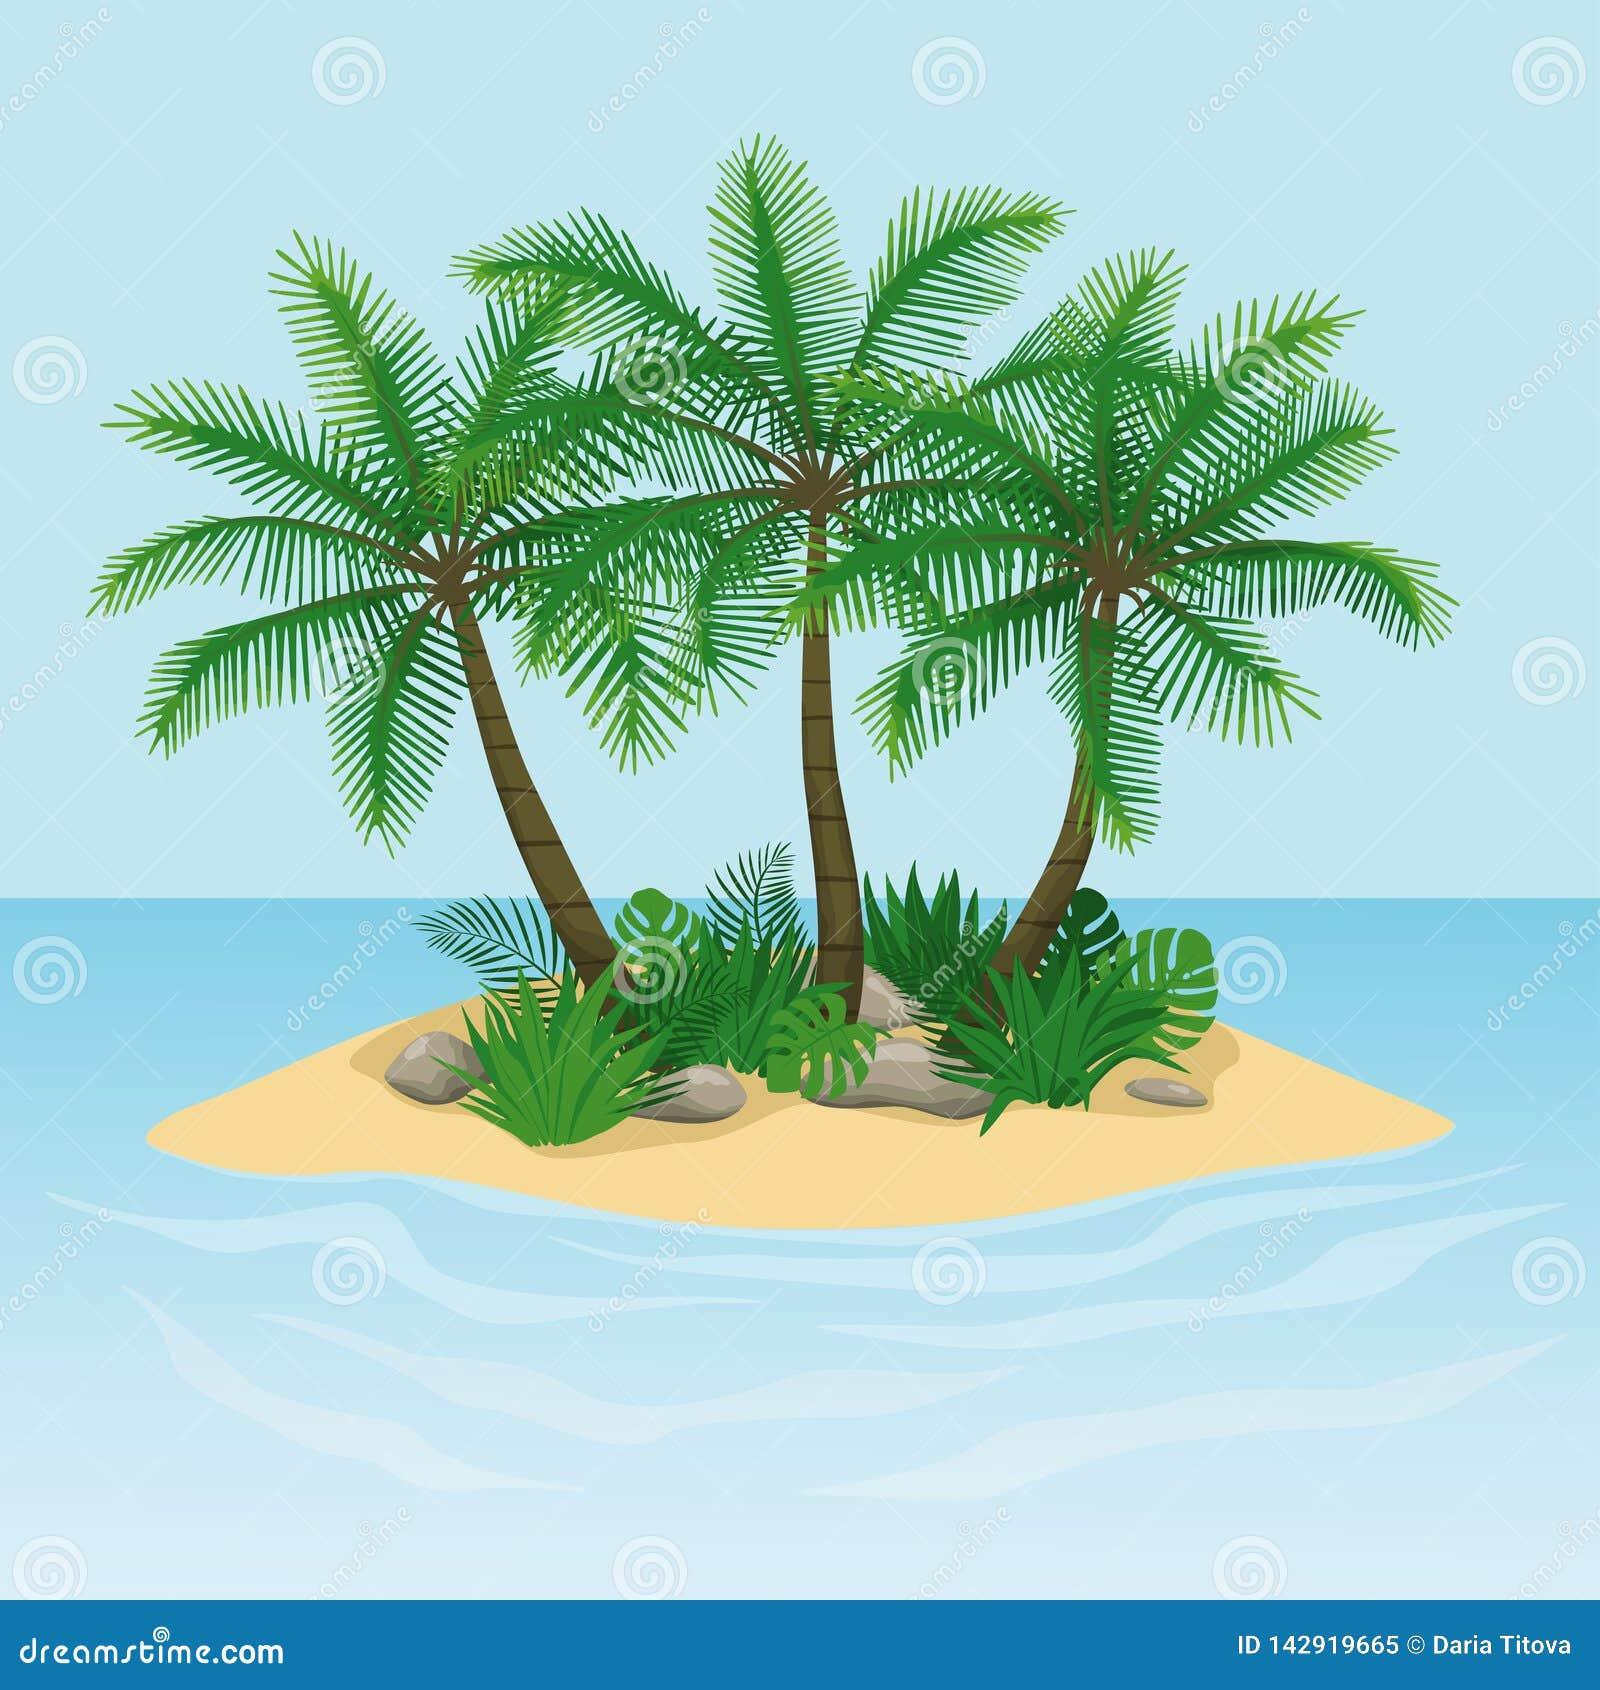 Ilha com palmeiras, rochas e pedras